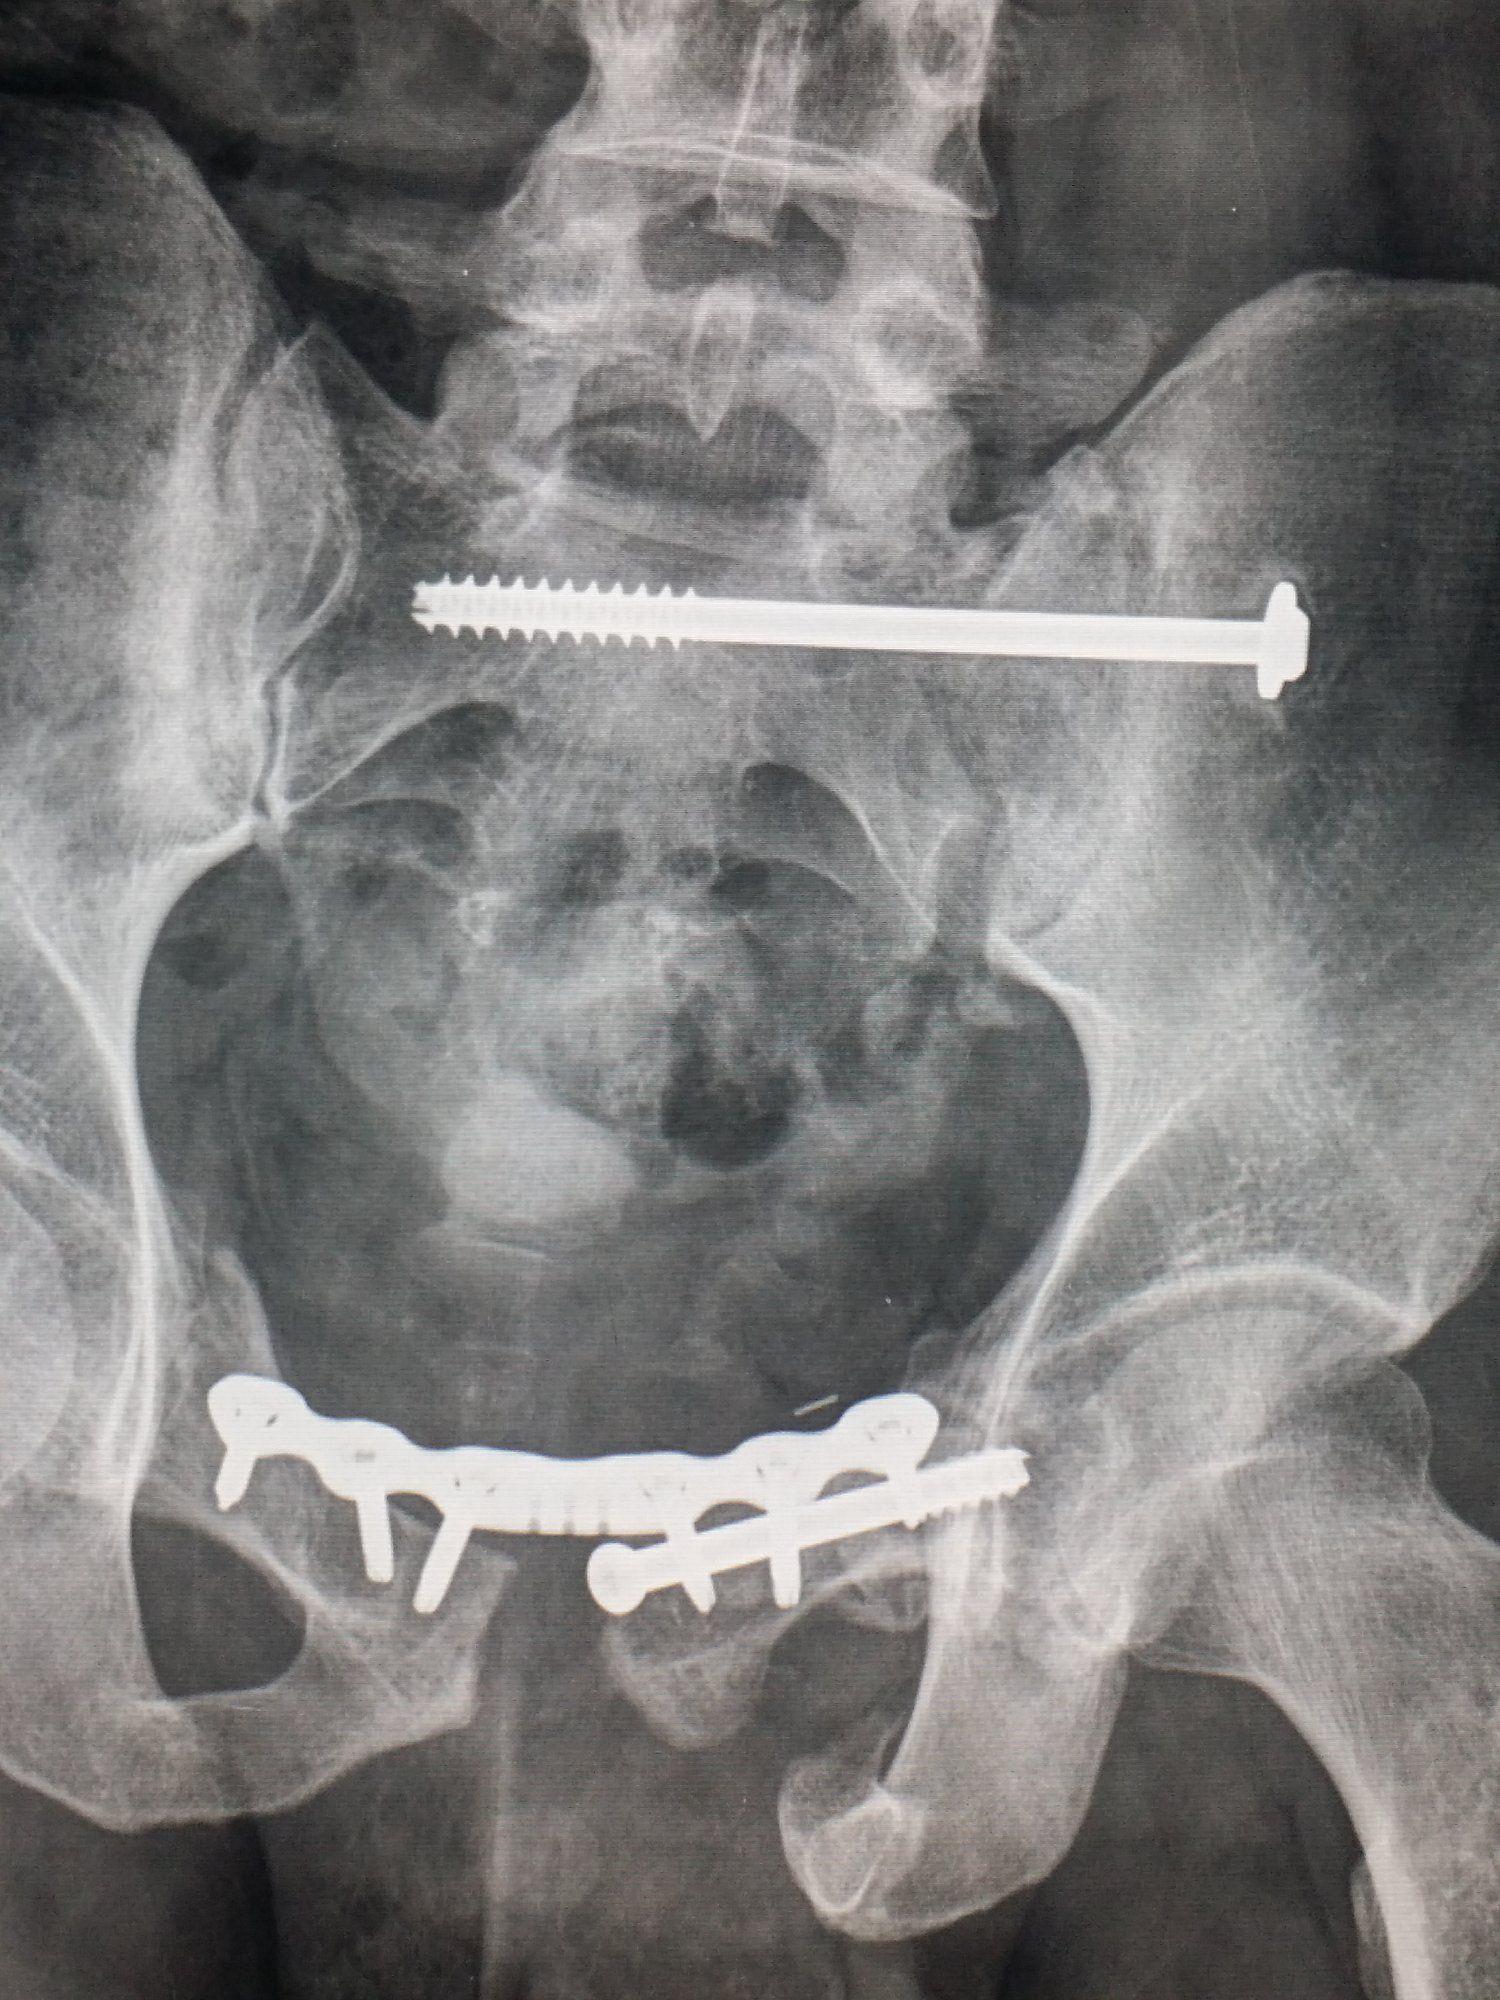 Pelvic #xray shows #orthopedic #hardware used to fix multiple ...